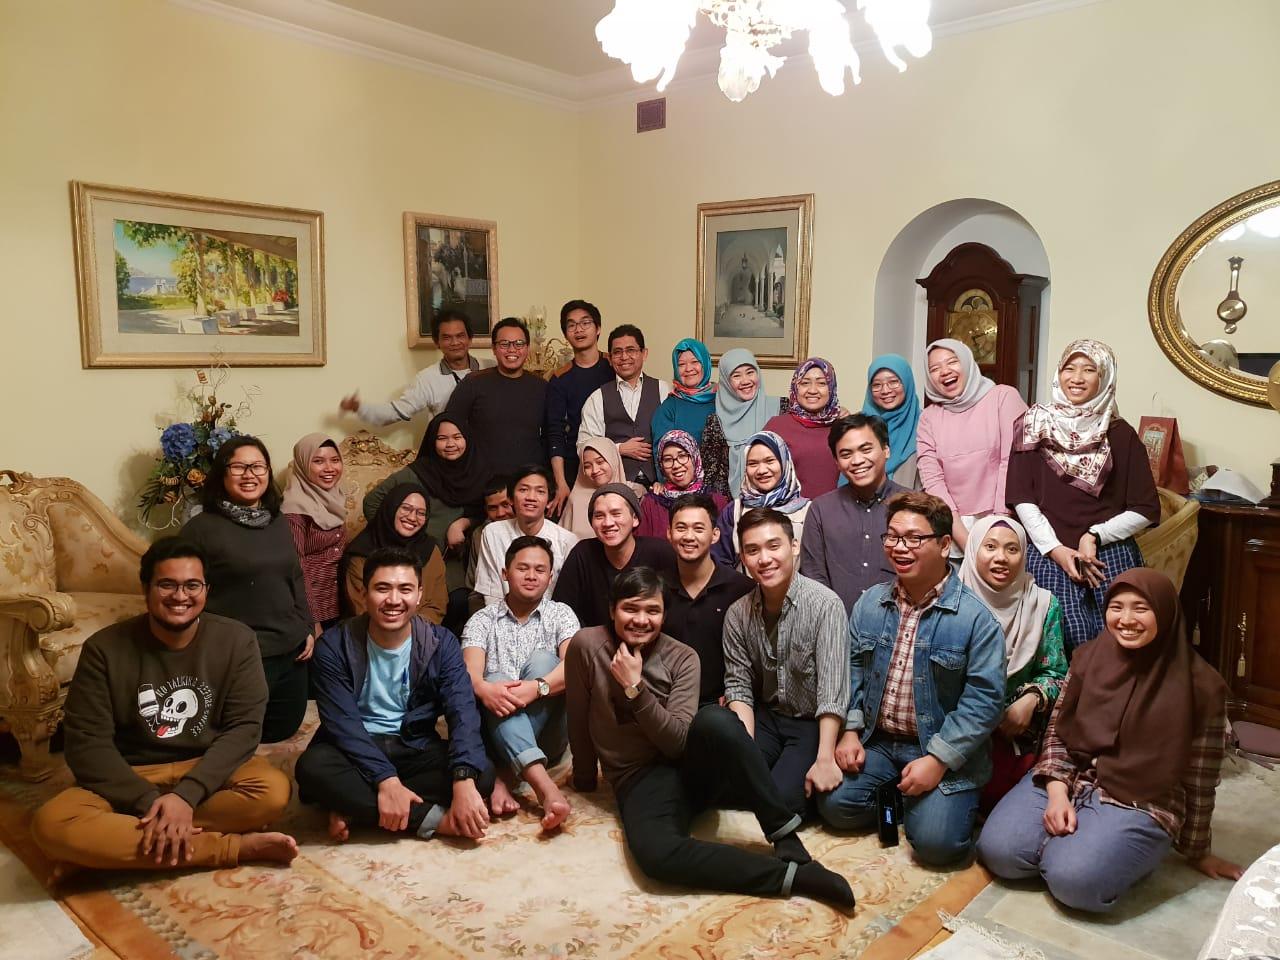 https: img.okezone.com content 2019 01 24 65 2008892 mahasiswa-indonesia-di-rusia-belajar-menulis-bareng-asma-nadia-vcei3dZSeE.jpg